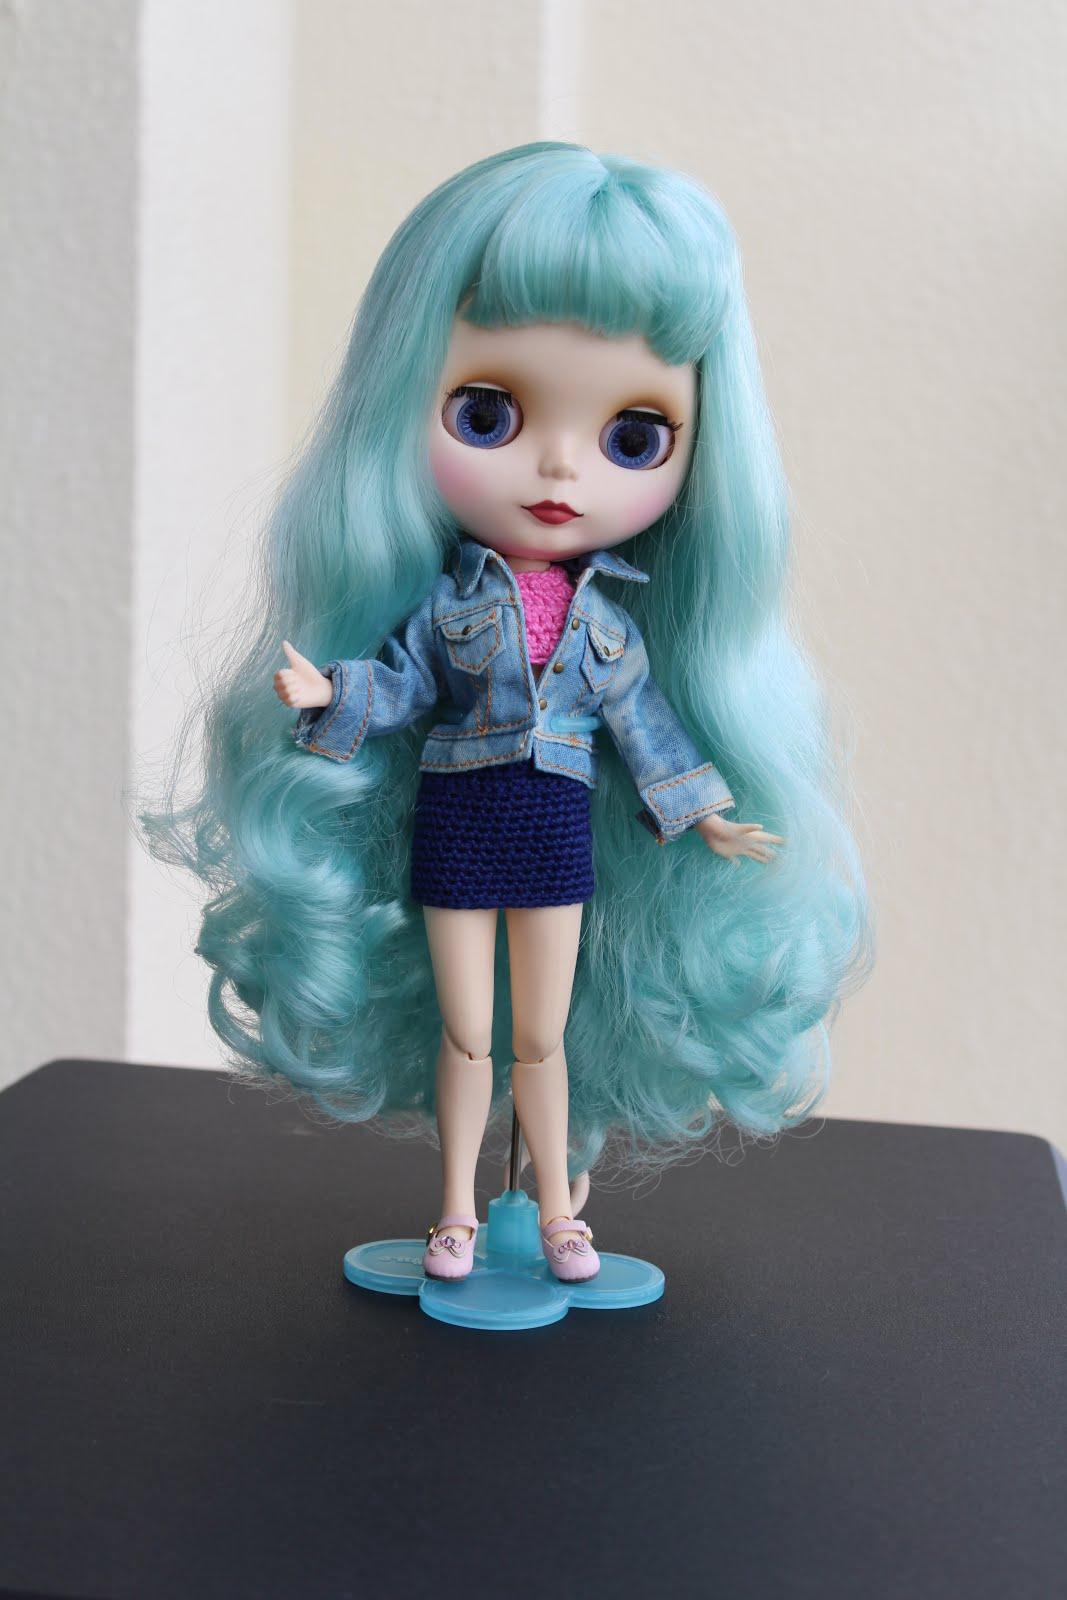 Luny Doll